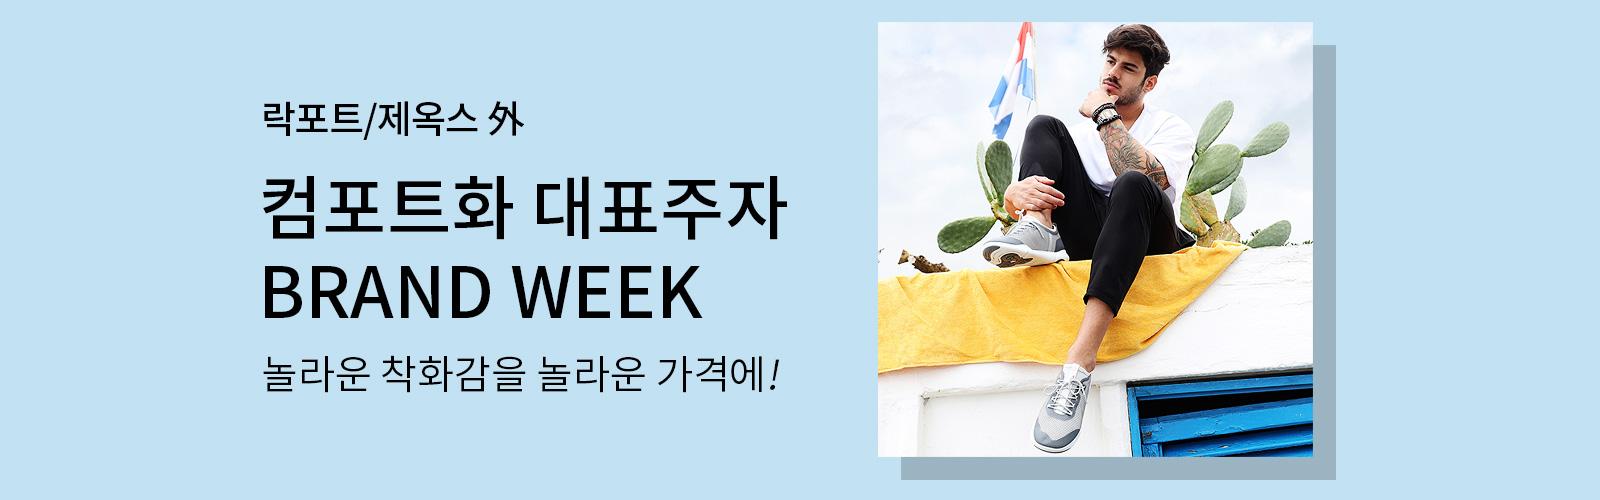 락포트/제옥스 外 컴포트화 대표주자 BRAND WEEK 서프라이즈한 착화감을 서프라이즈한 가격에!